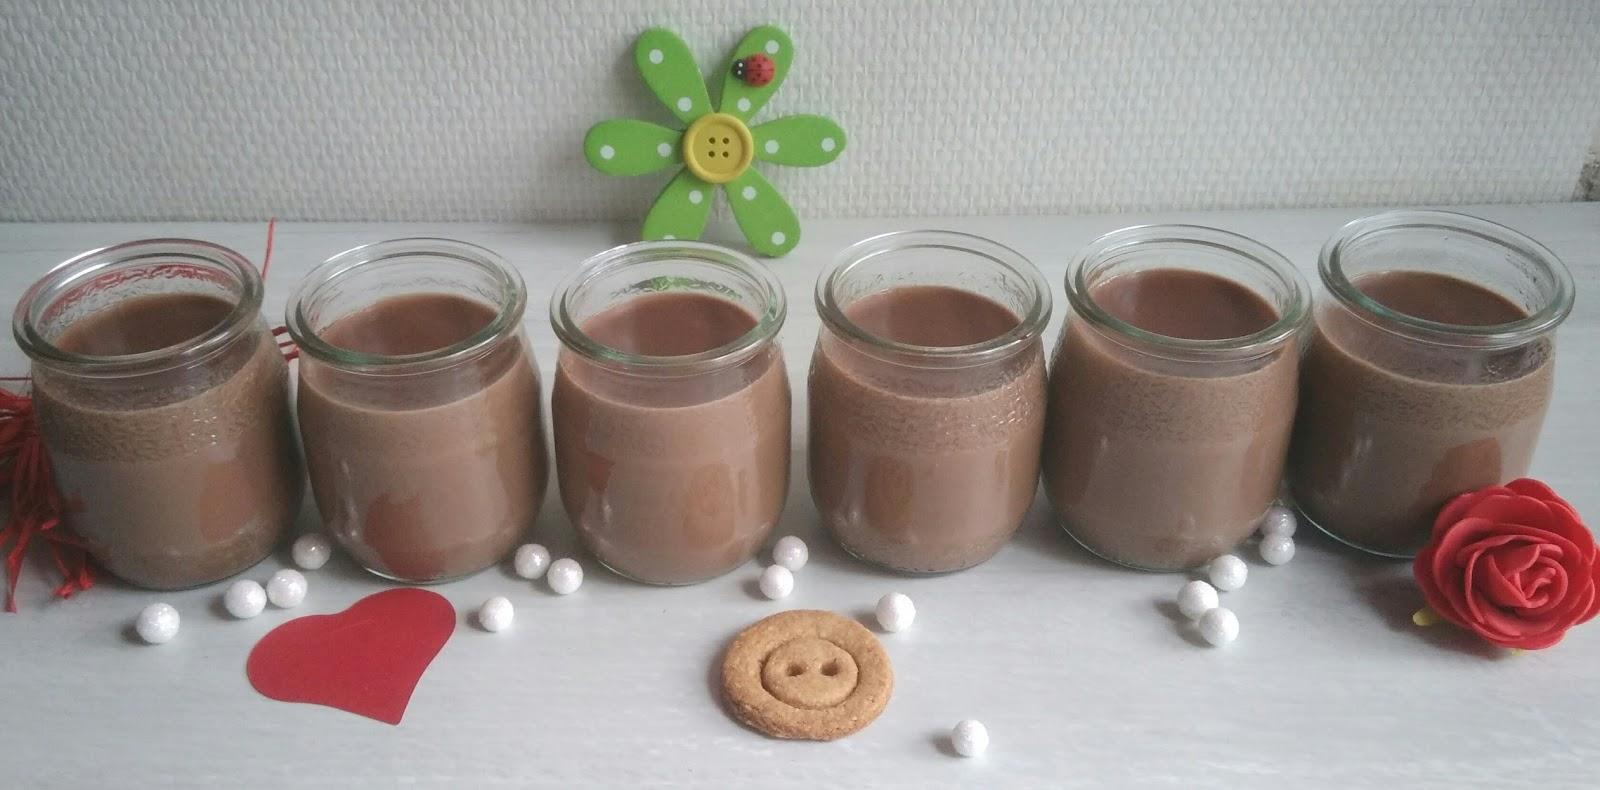 Petits pots de cr me nutella comme la laiti re nathychef - Petit pot de nutella ...